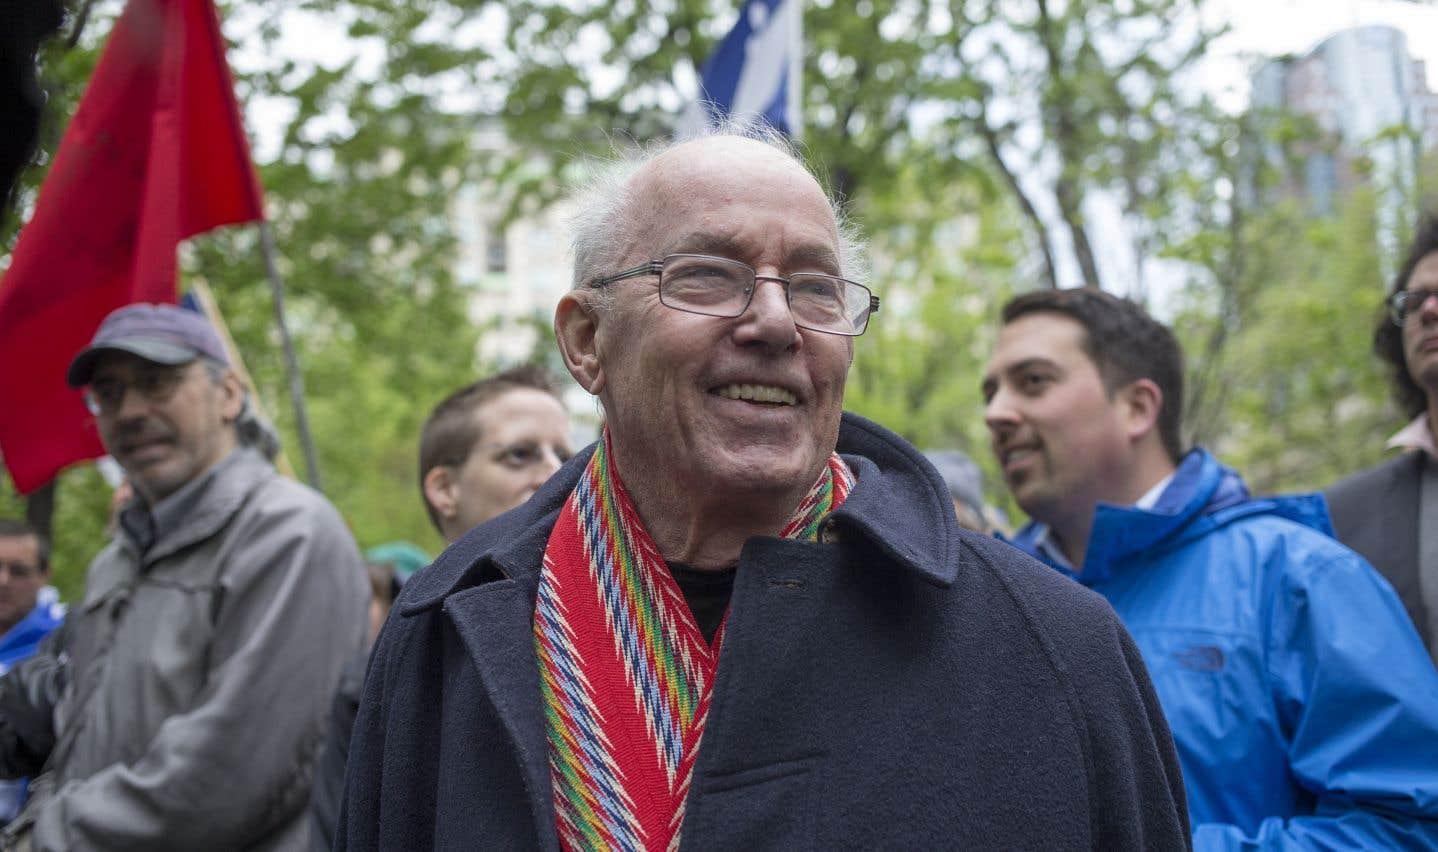 En 2017, lors de la Journée nationale des patriotes, un Bernard Landry amaigri, sa ceinture fléchée autour du cou, prend le porte-voix. «Il n'y a pas d'autre destin pour le Québec que celui d'être indépendant, lance-t-il du promontoire où il a grimpé. Je l'ai dit souvent et je le redis, surtout cette semaine: la patrie avant les partis.»